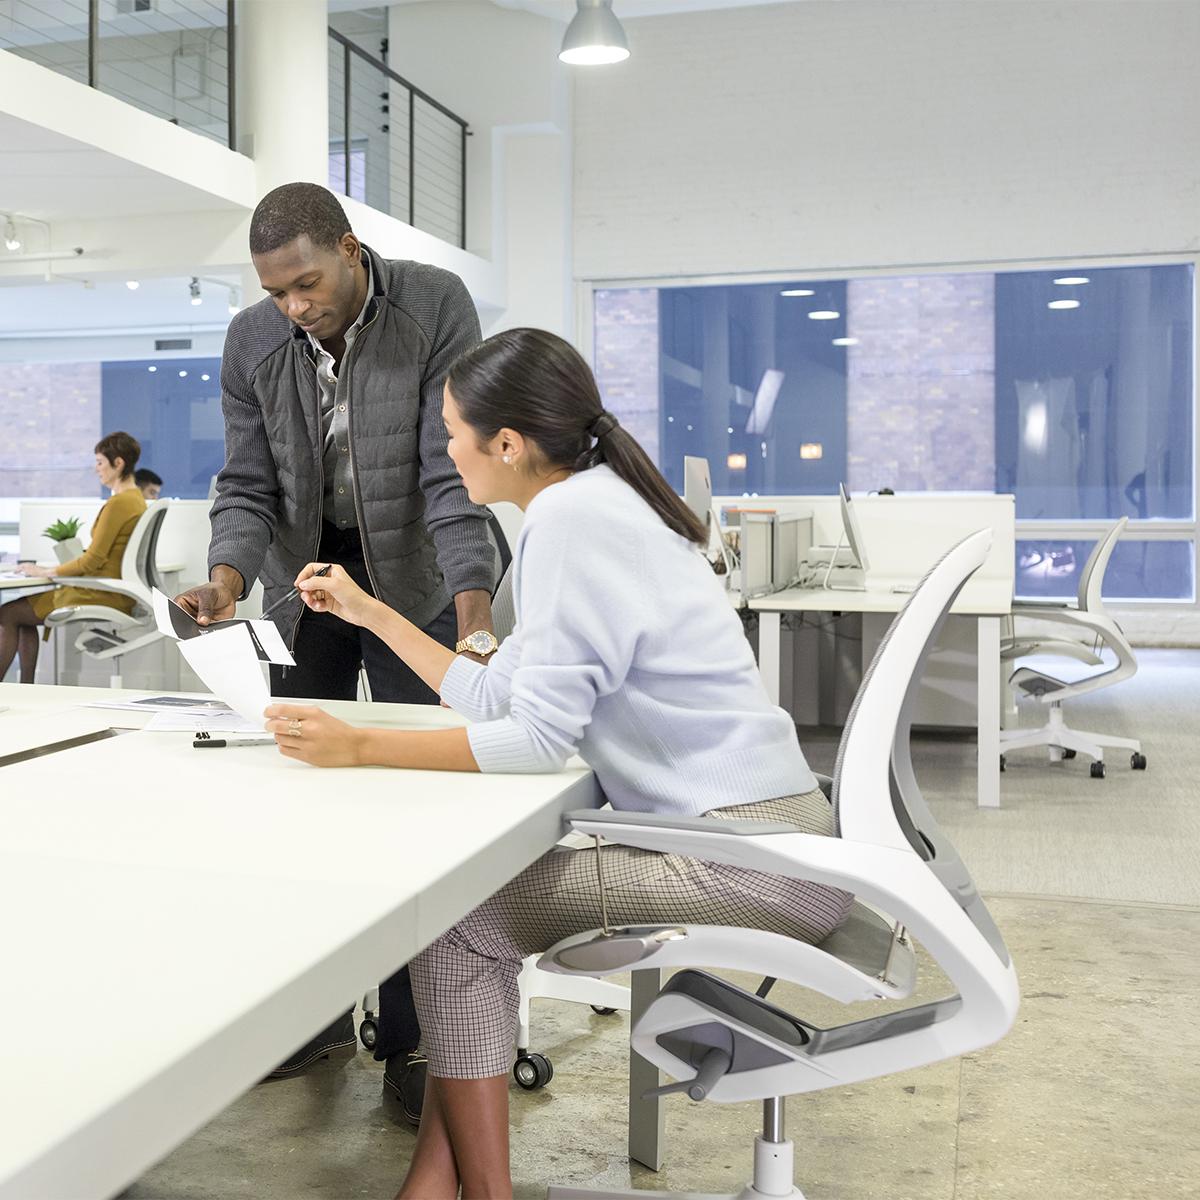 「腰を動かす」ことは、健康への第一歩。座ったまま動ける、意識しないで、いつでも「気持ちいい仕事姿勢」が続くワーキングチェア|Elea Chair